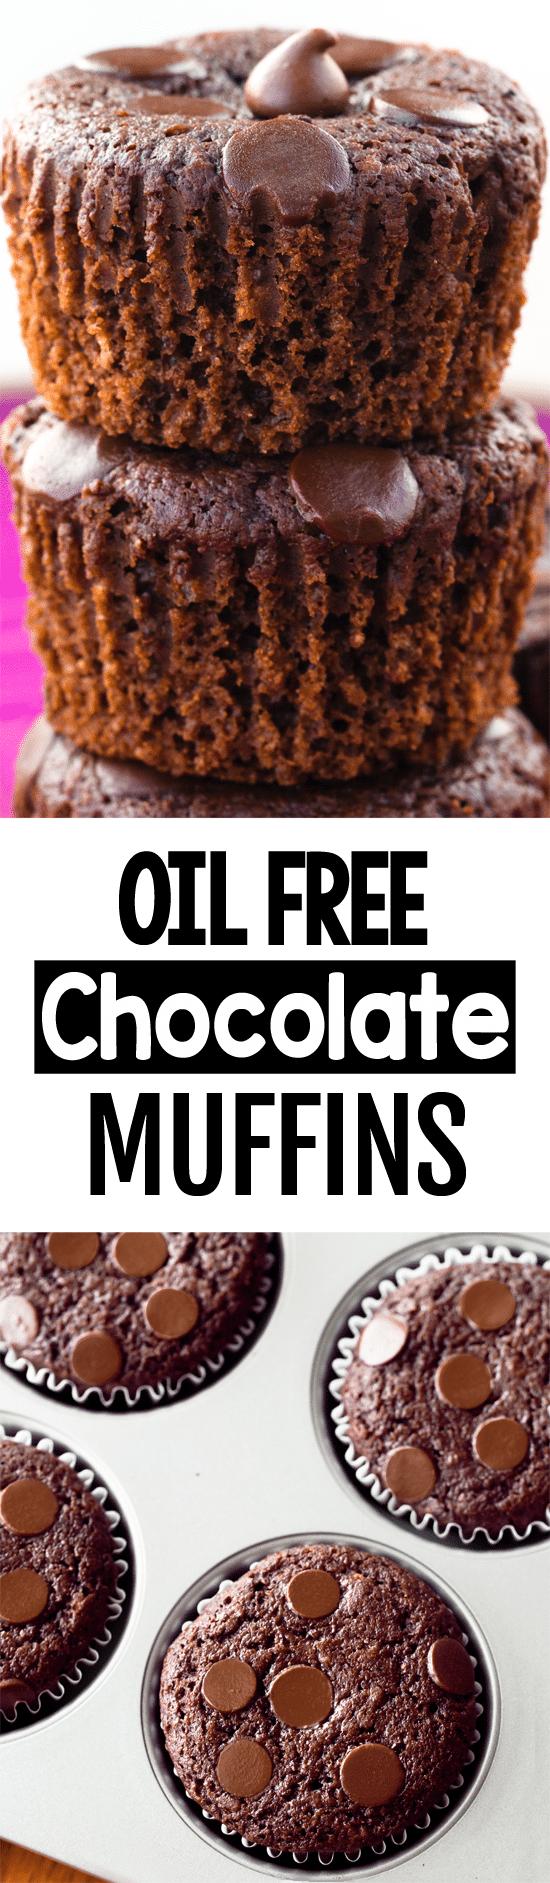 Muffins de chocolate com baixo teor de gordura 2